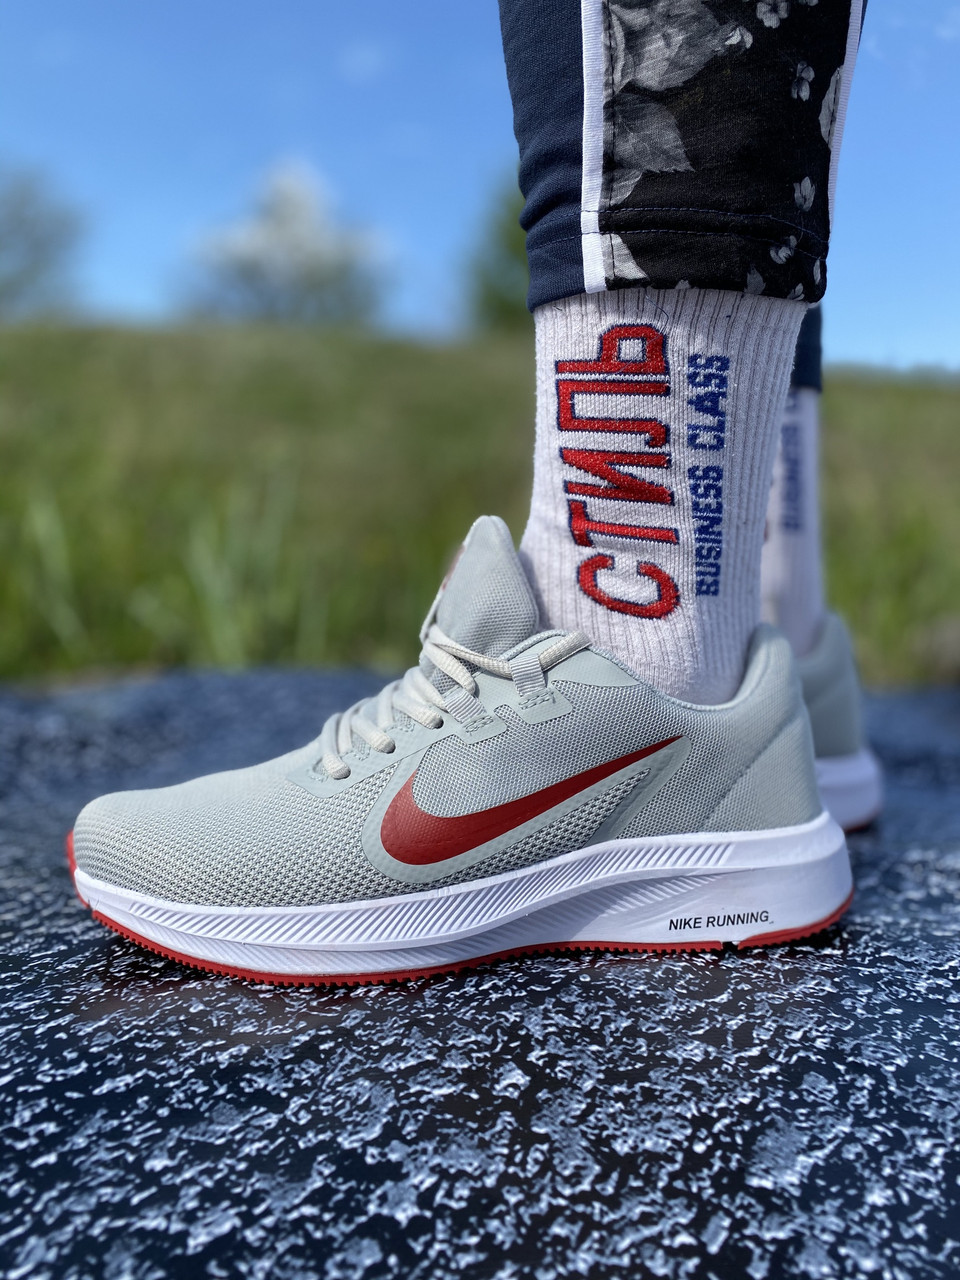 Стильні кросівки Nike Running / Найк аір макс 90